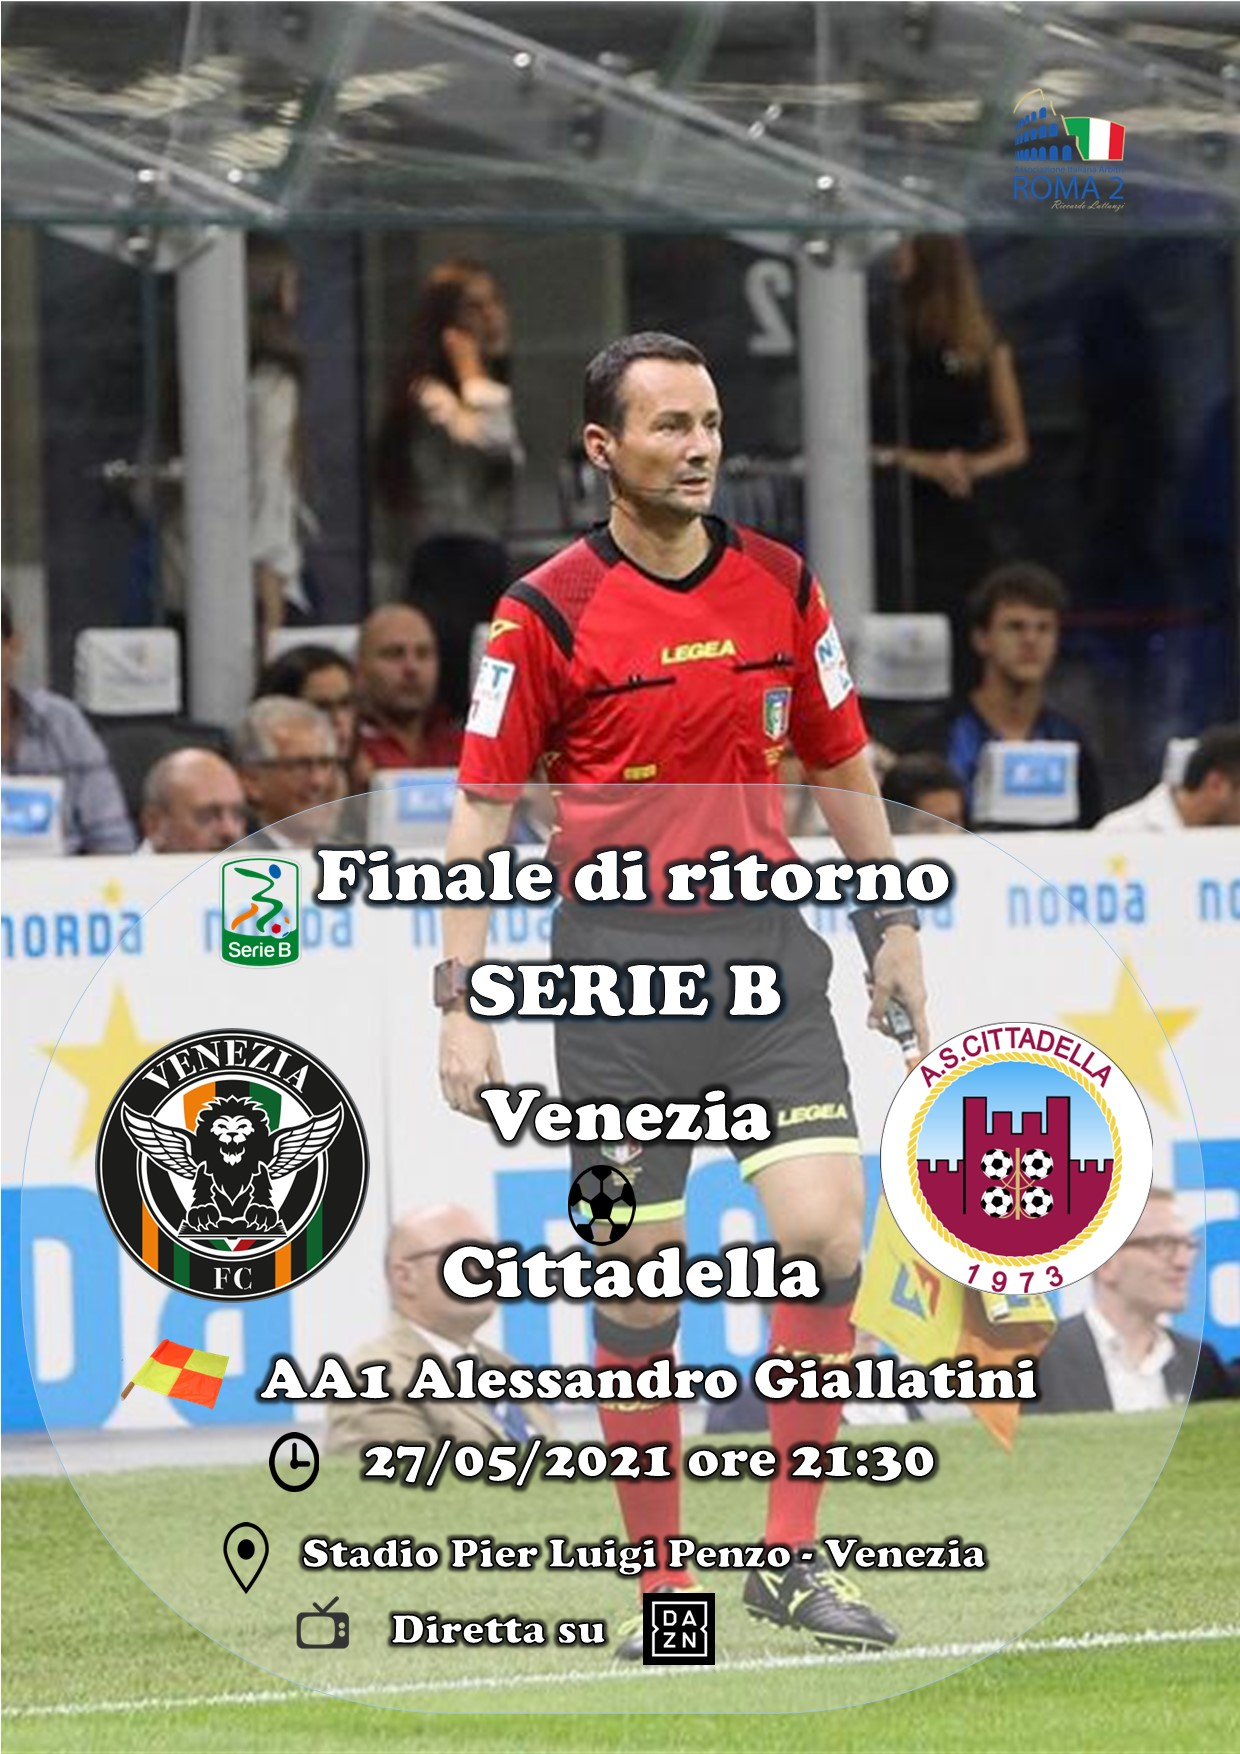 AA_Giallatini